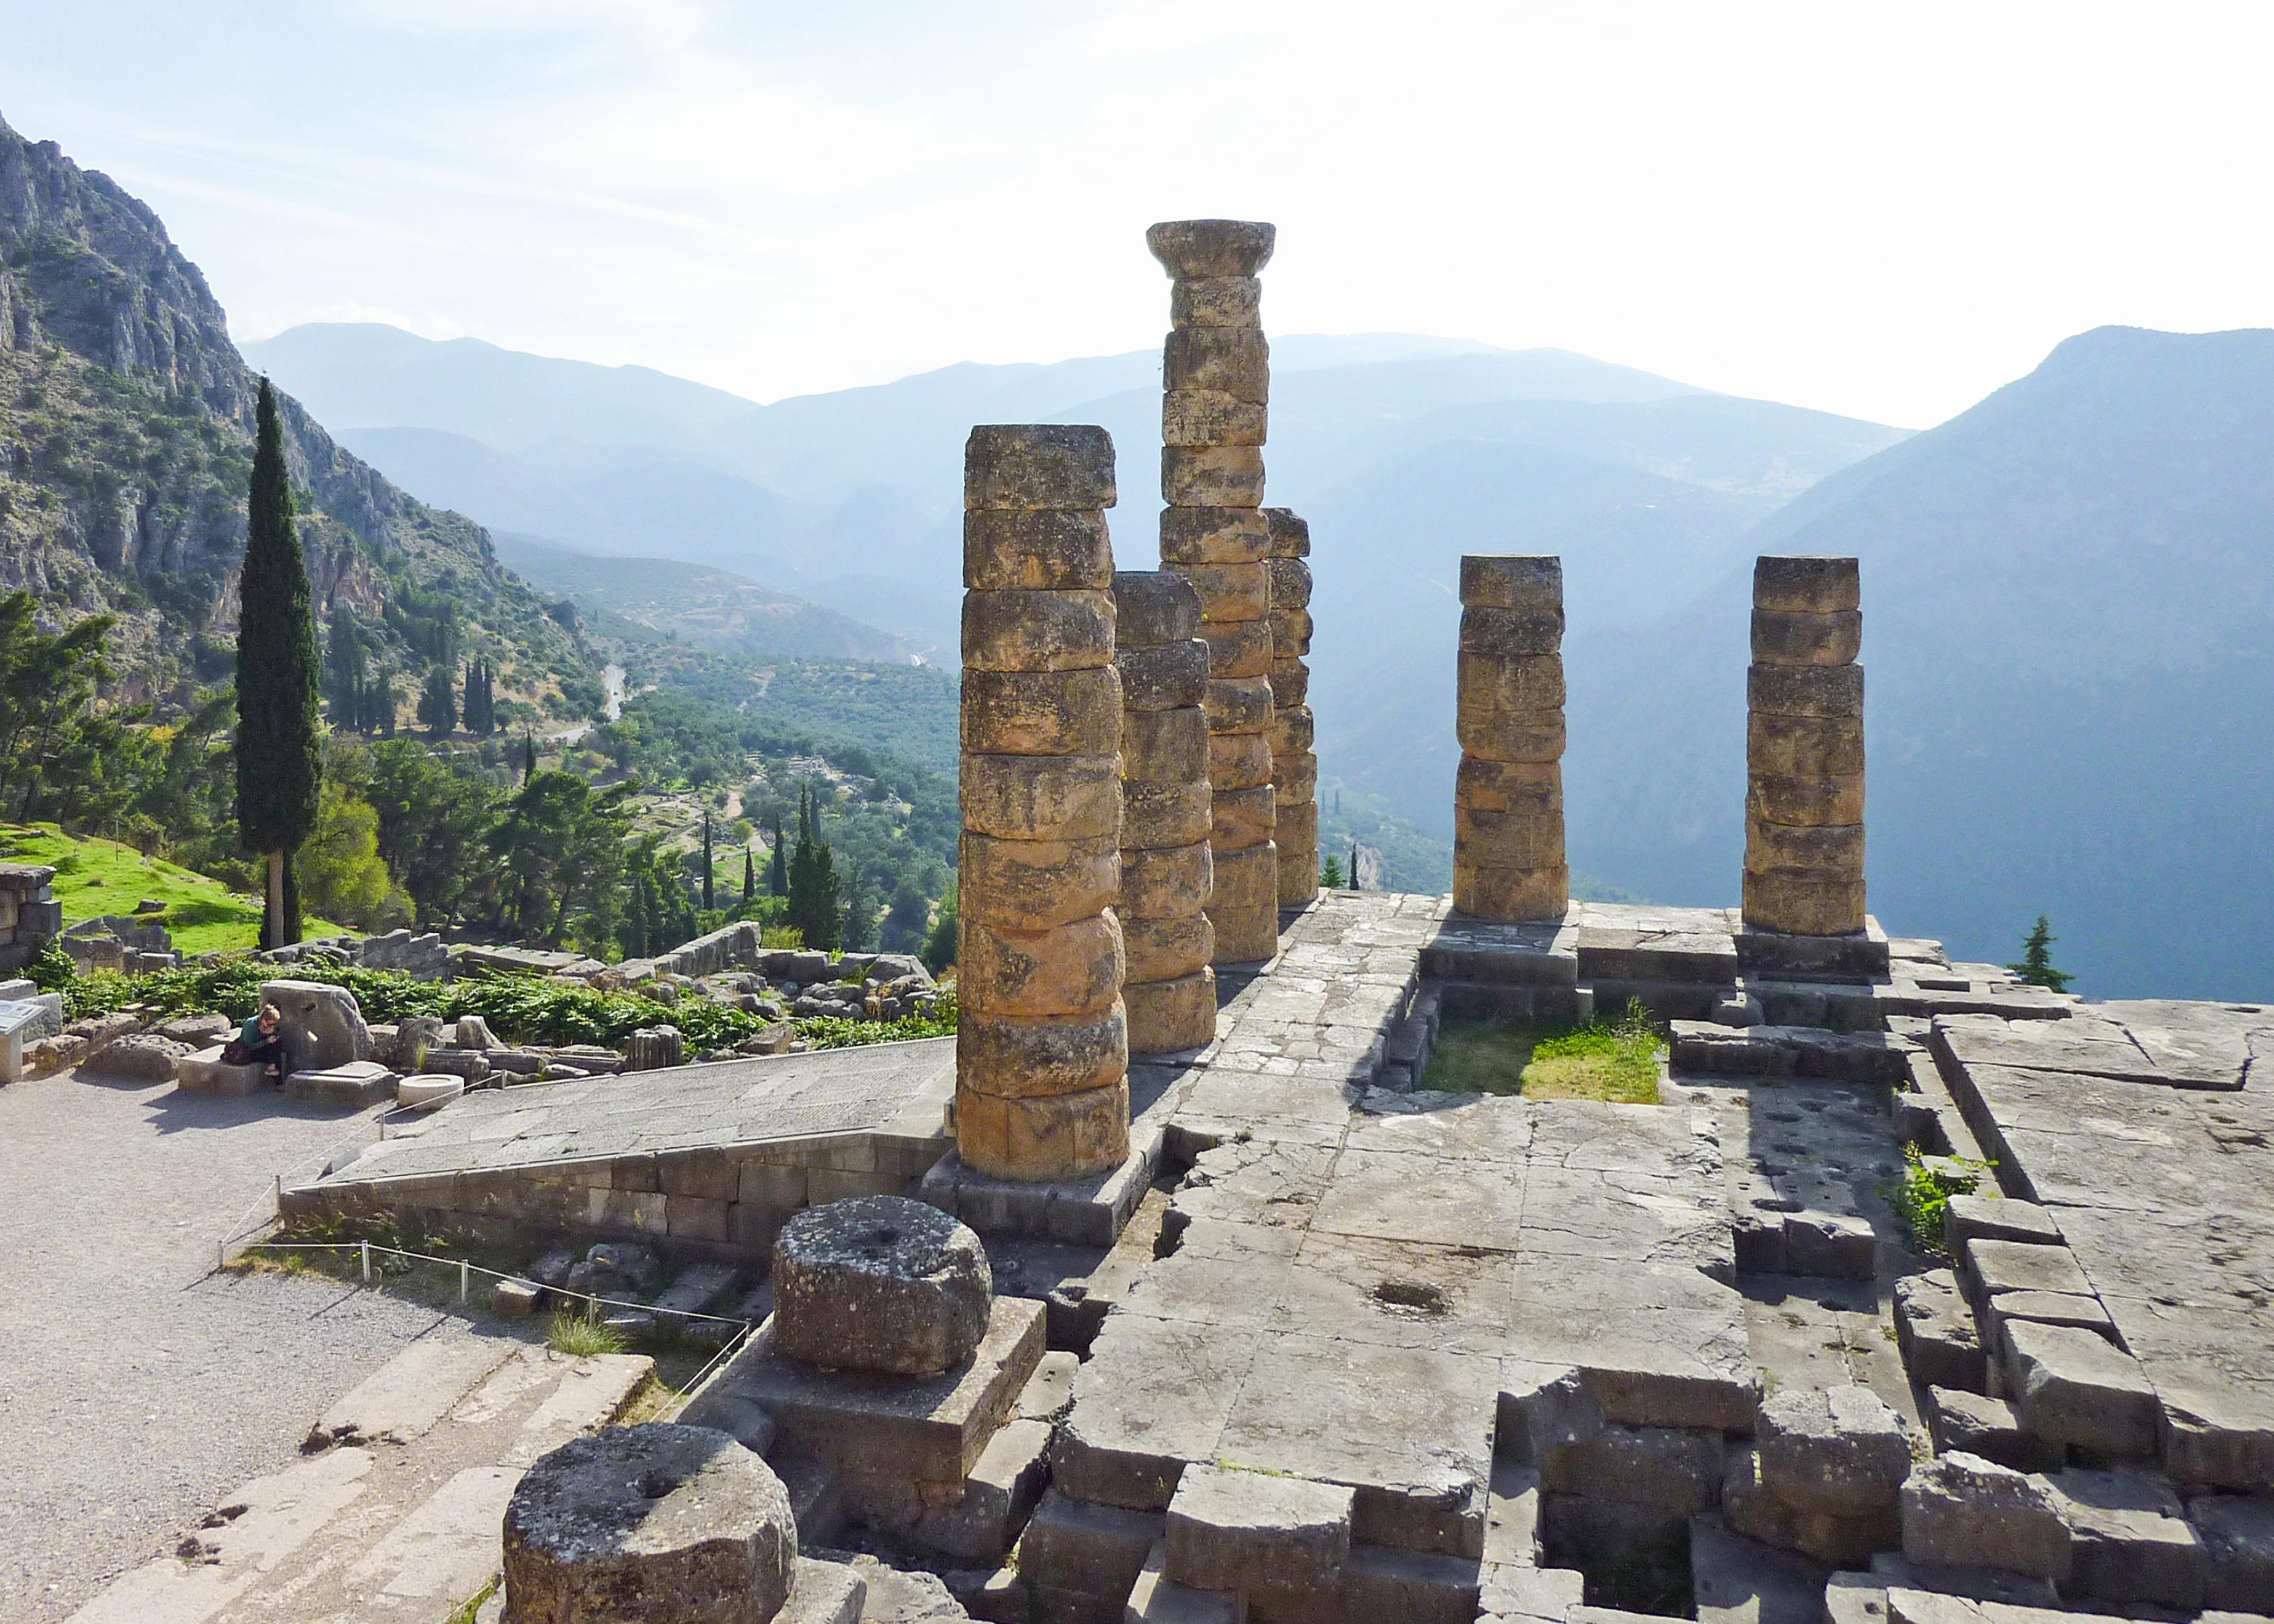 File:Temple of Apollo in Delphi - columns 02 jpg - Wikimedia Commons